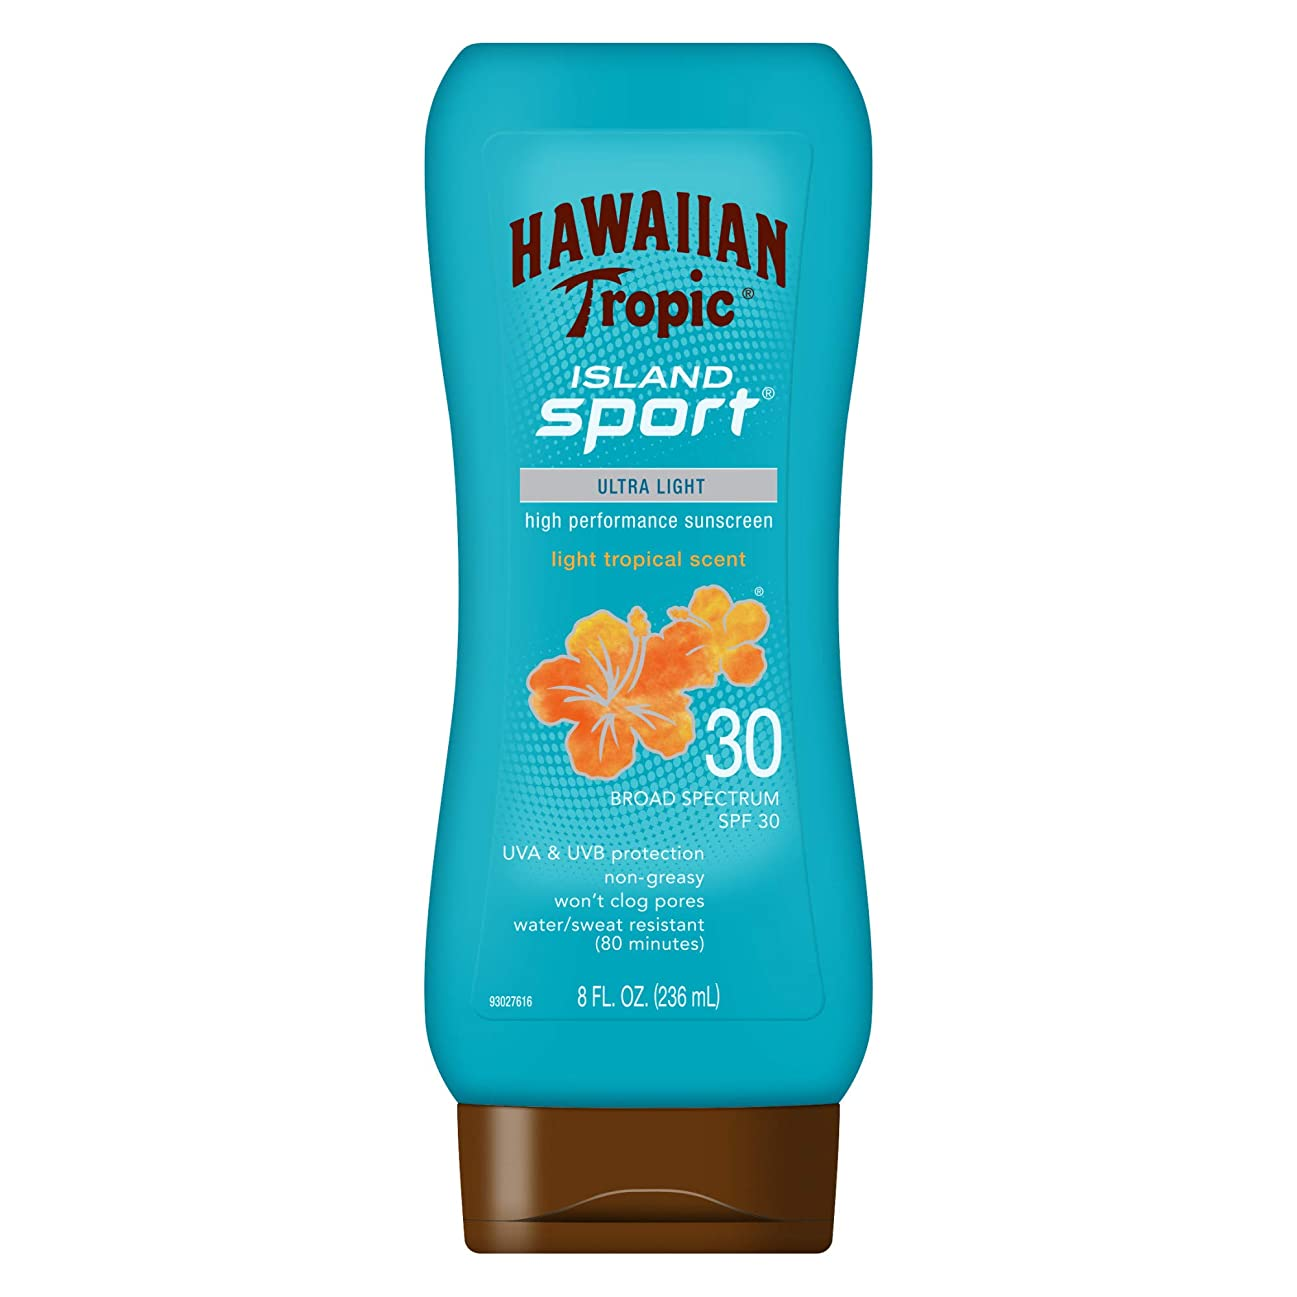 統合建てるくるみHawaiian Tropic アイランドスポーツウルトラライト高性能Suncreenローション、ライト熱帯香りSPF 30 8オンス